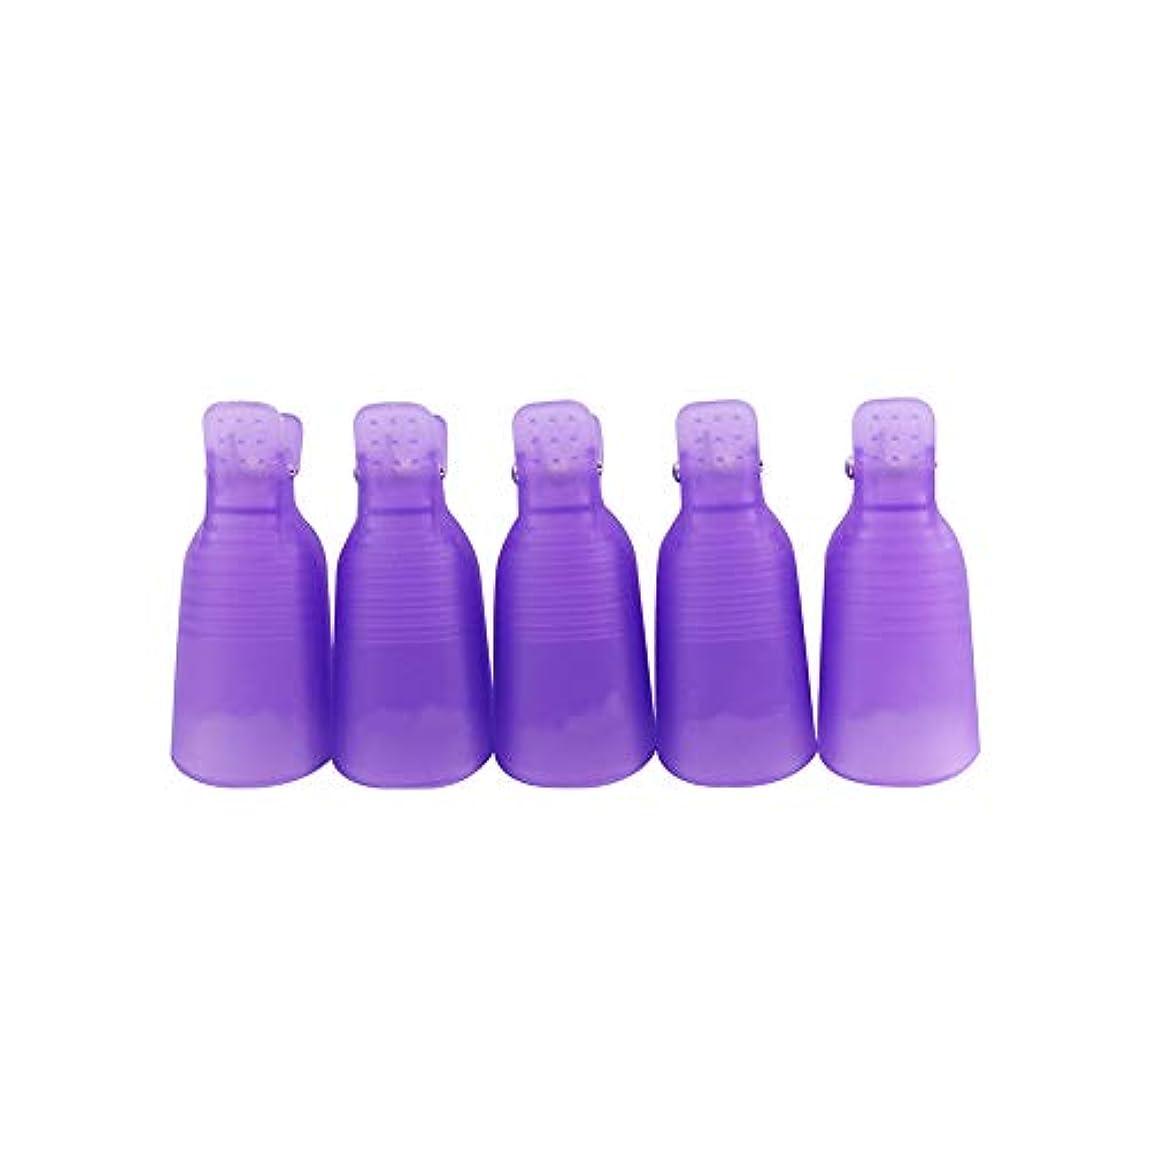 退屈させる作動するグラス5マニキュアUV接着パッドは、キャップリムーバーツールネイルネイルポリッシュリムーバー再利用可能なシリコーンはラップまたはオフに浸した家庭用のサロン(紫)